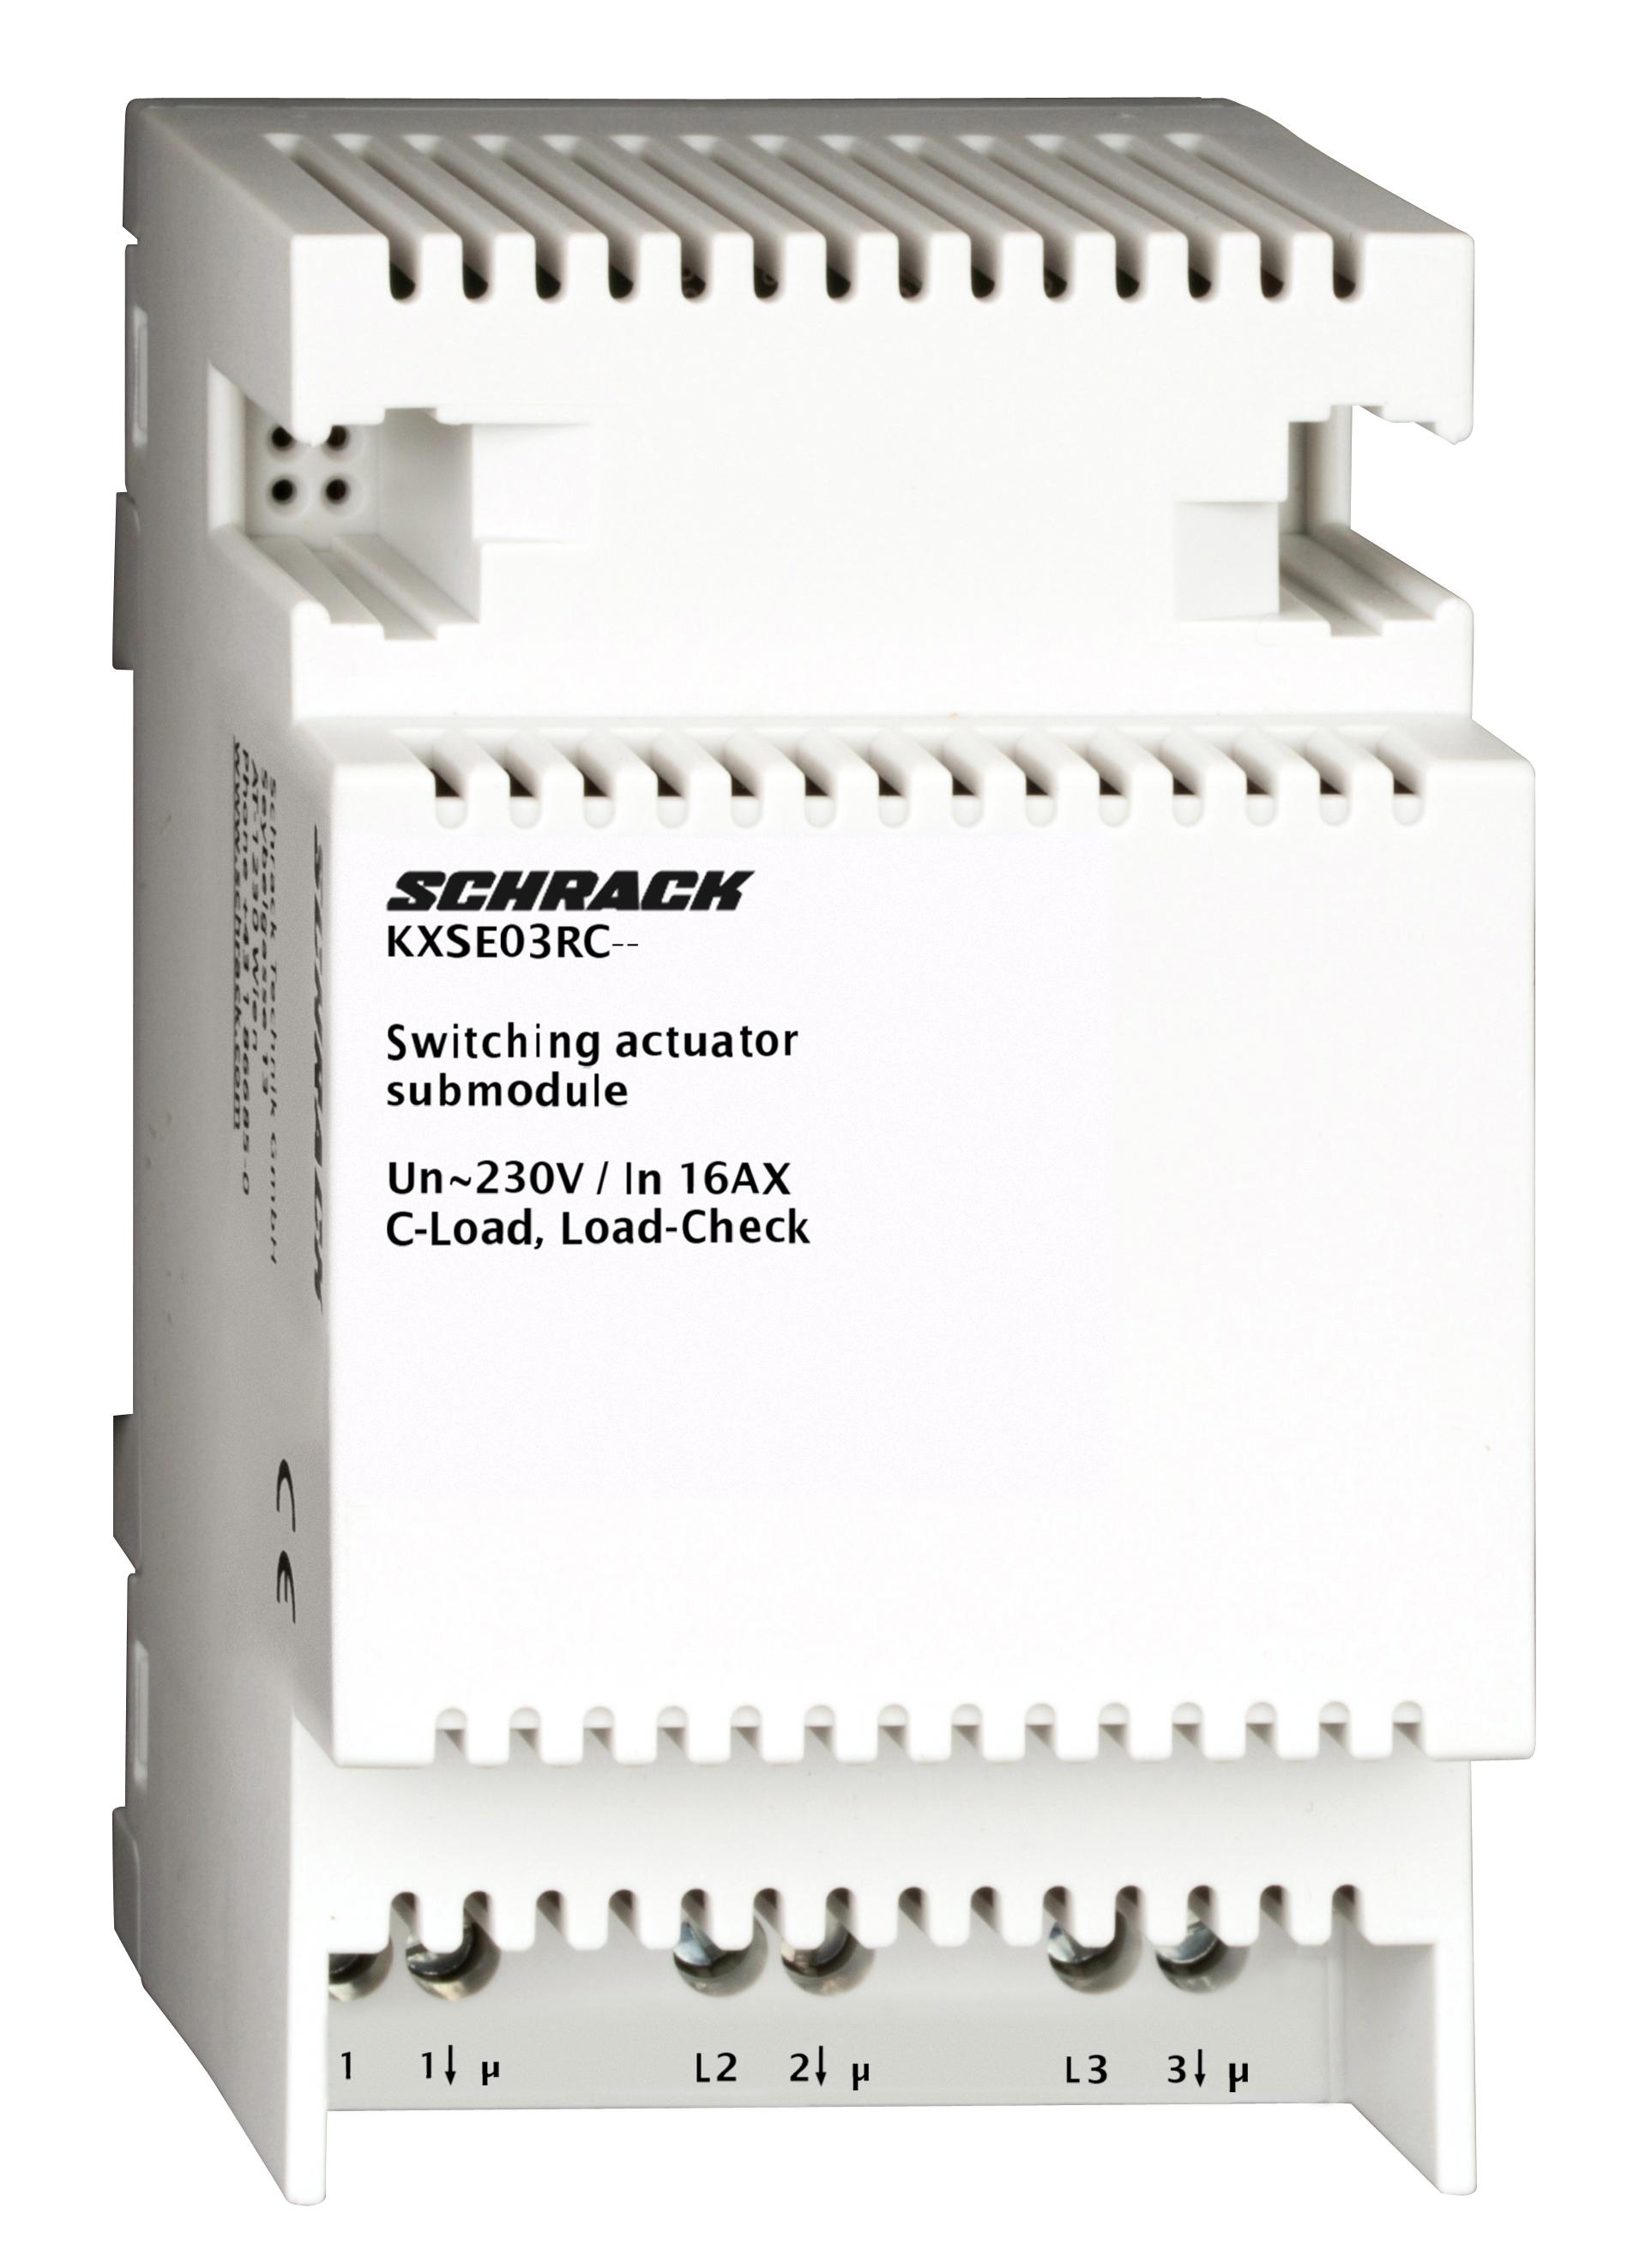 1 Stk KNX Schaltaktor, Erweiterungsmodul, 3 x AC 230/400V, 16 AX KXSE03RC--